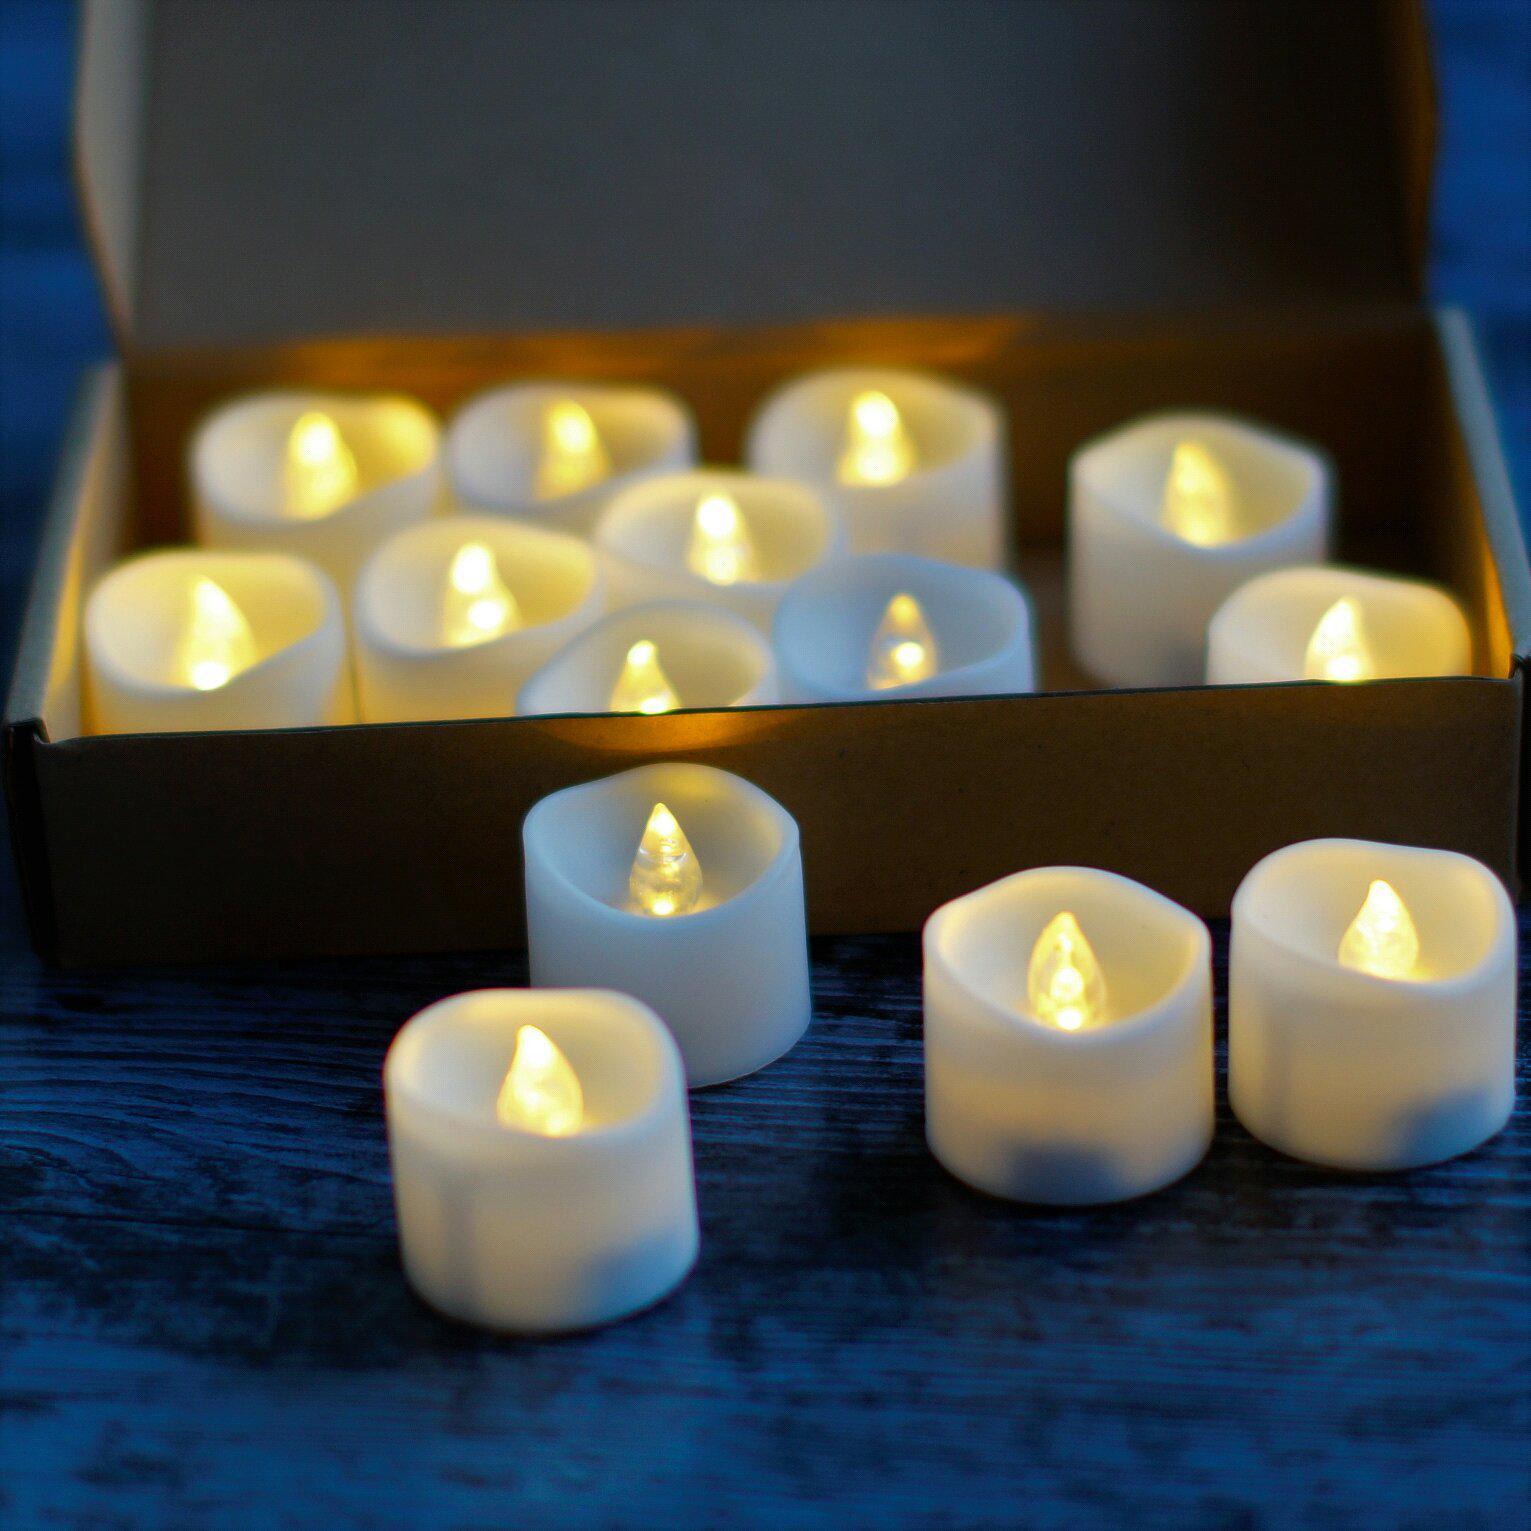 Светодиодные свечи на батарейках - CR 2032 - купить